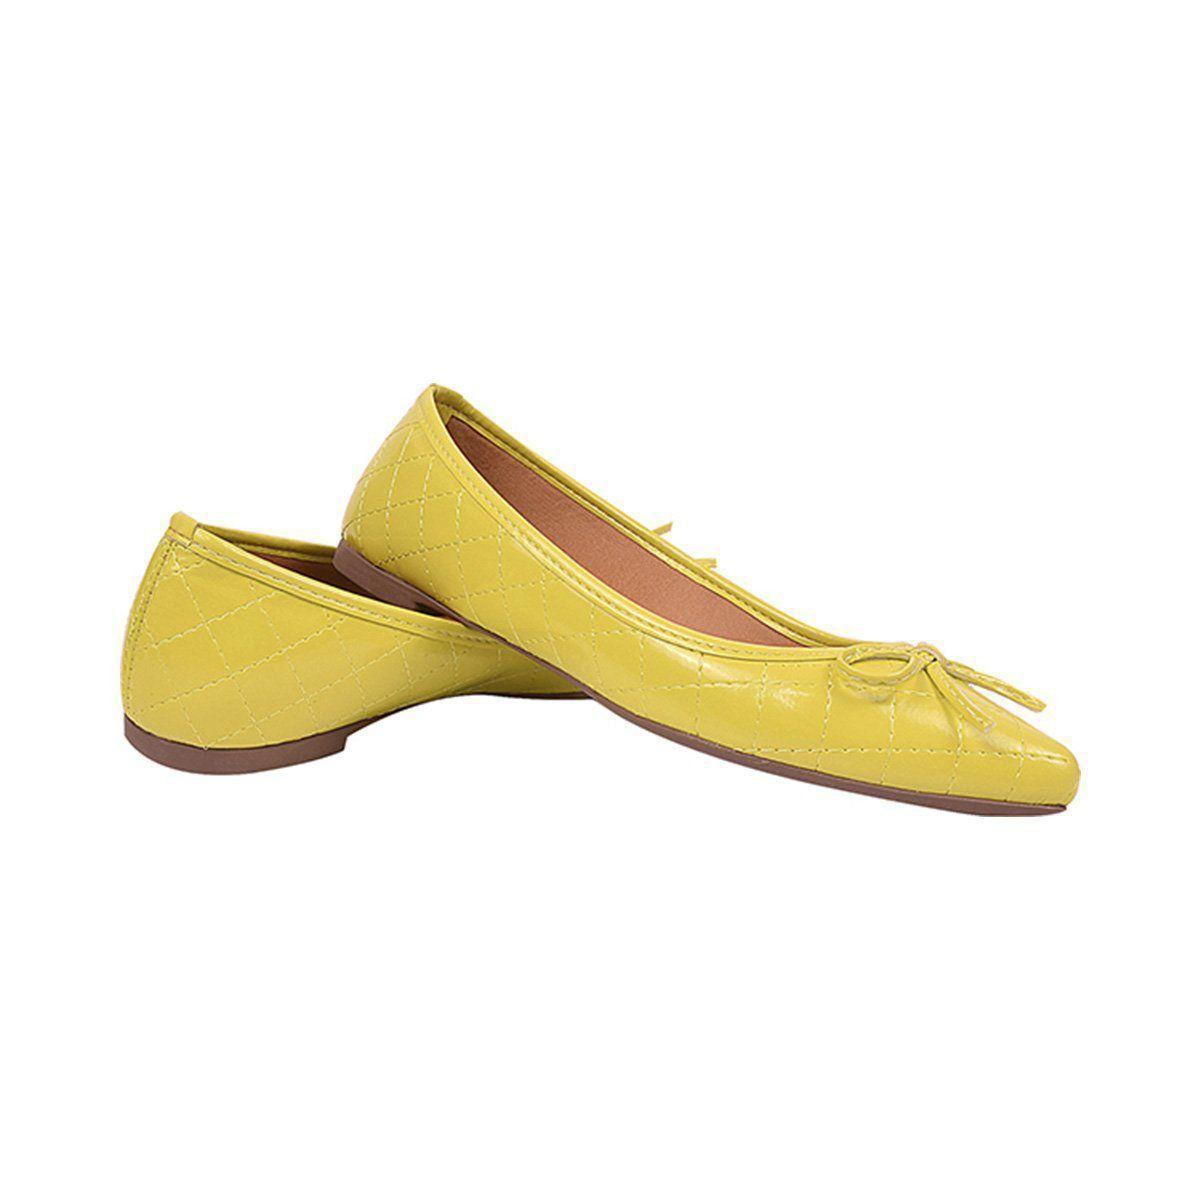 Sapatilha Chiquiteira Bico Fino Laço Verniz Amarelo CA